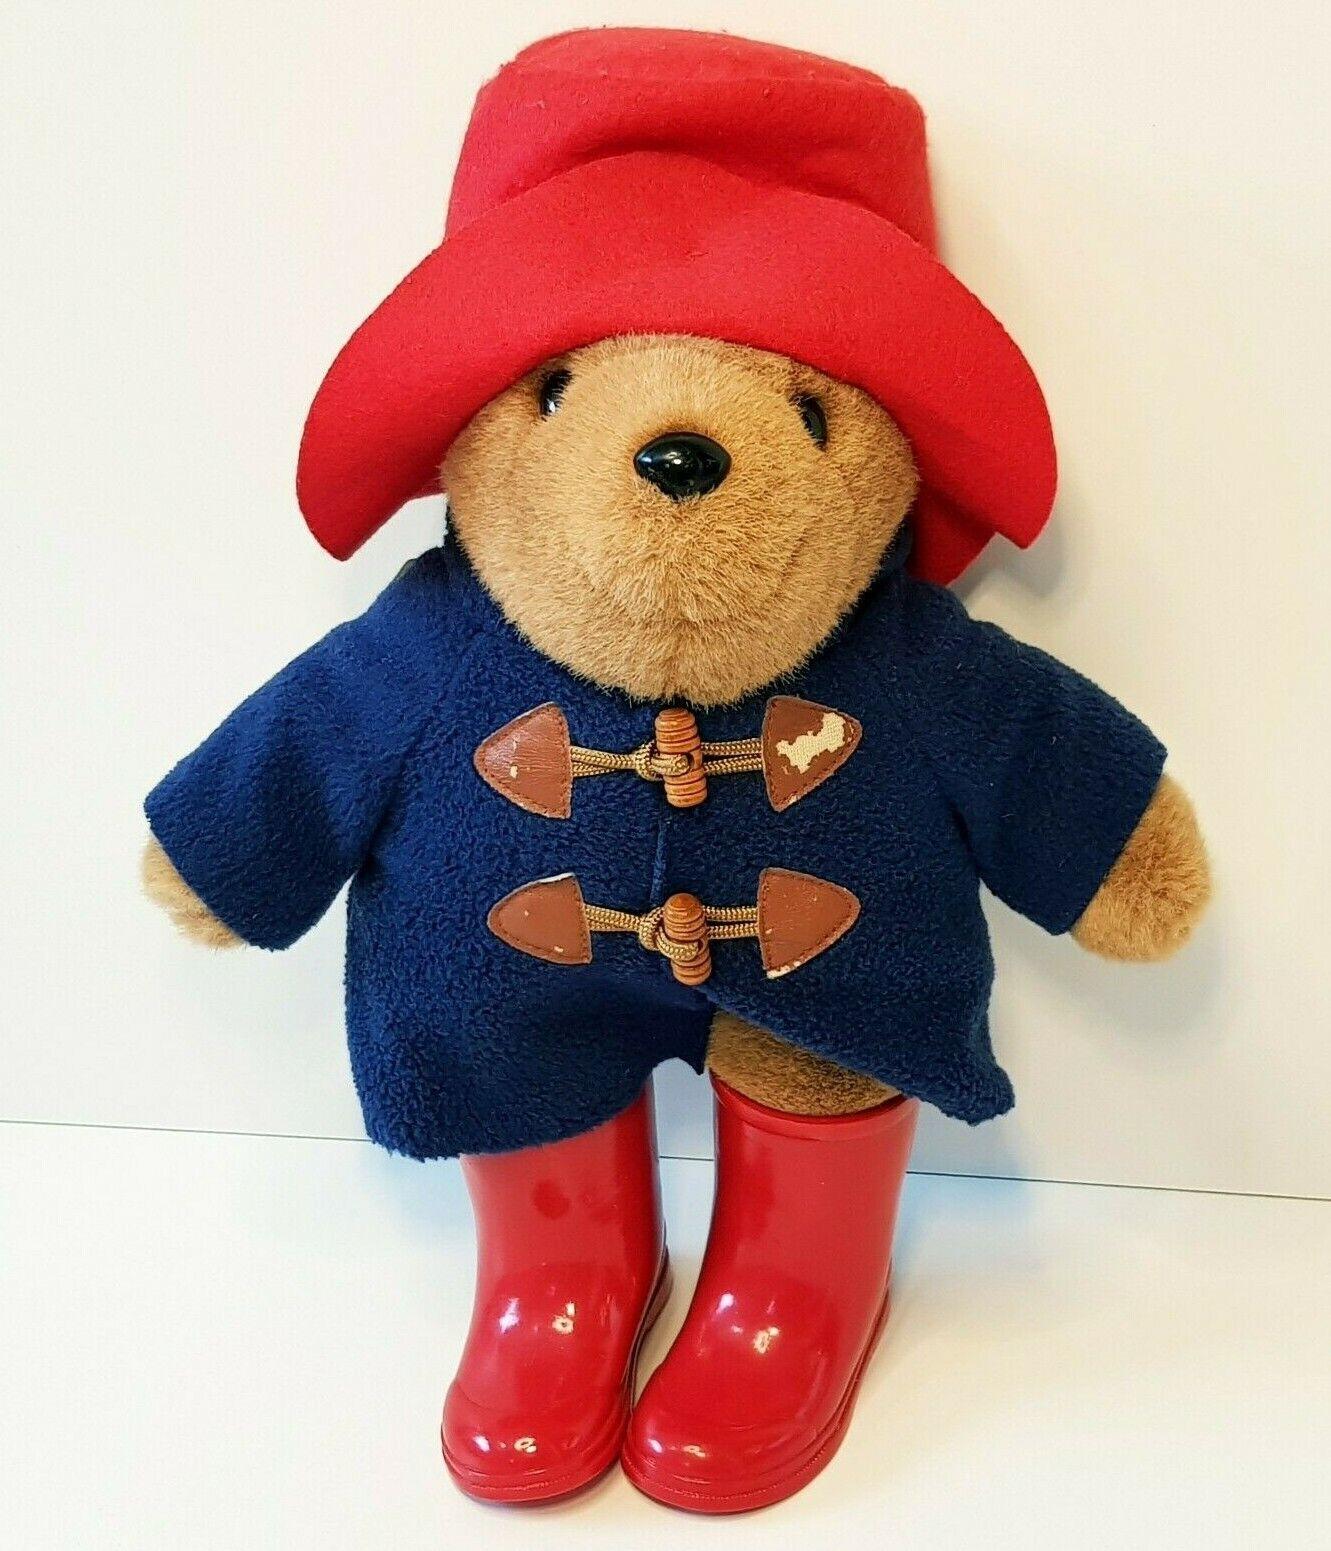 Paddington Bär Teddy Plüsch Design Edition mit roten Stiefeln   34cm